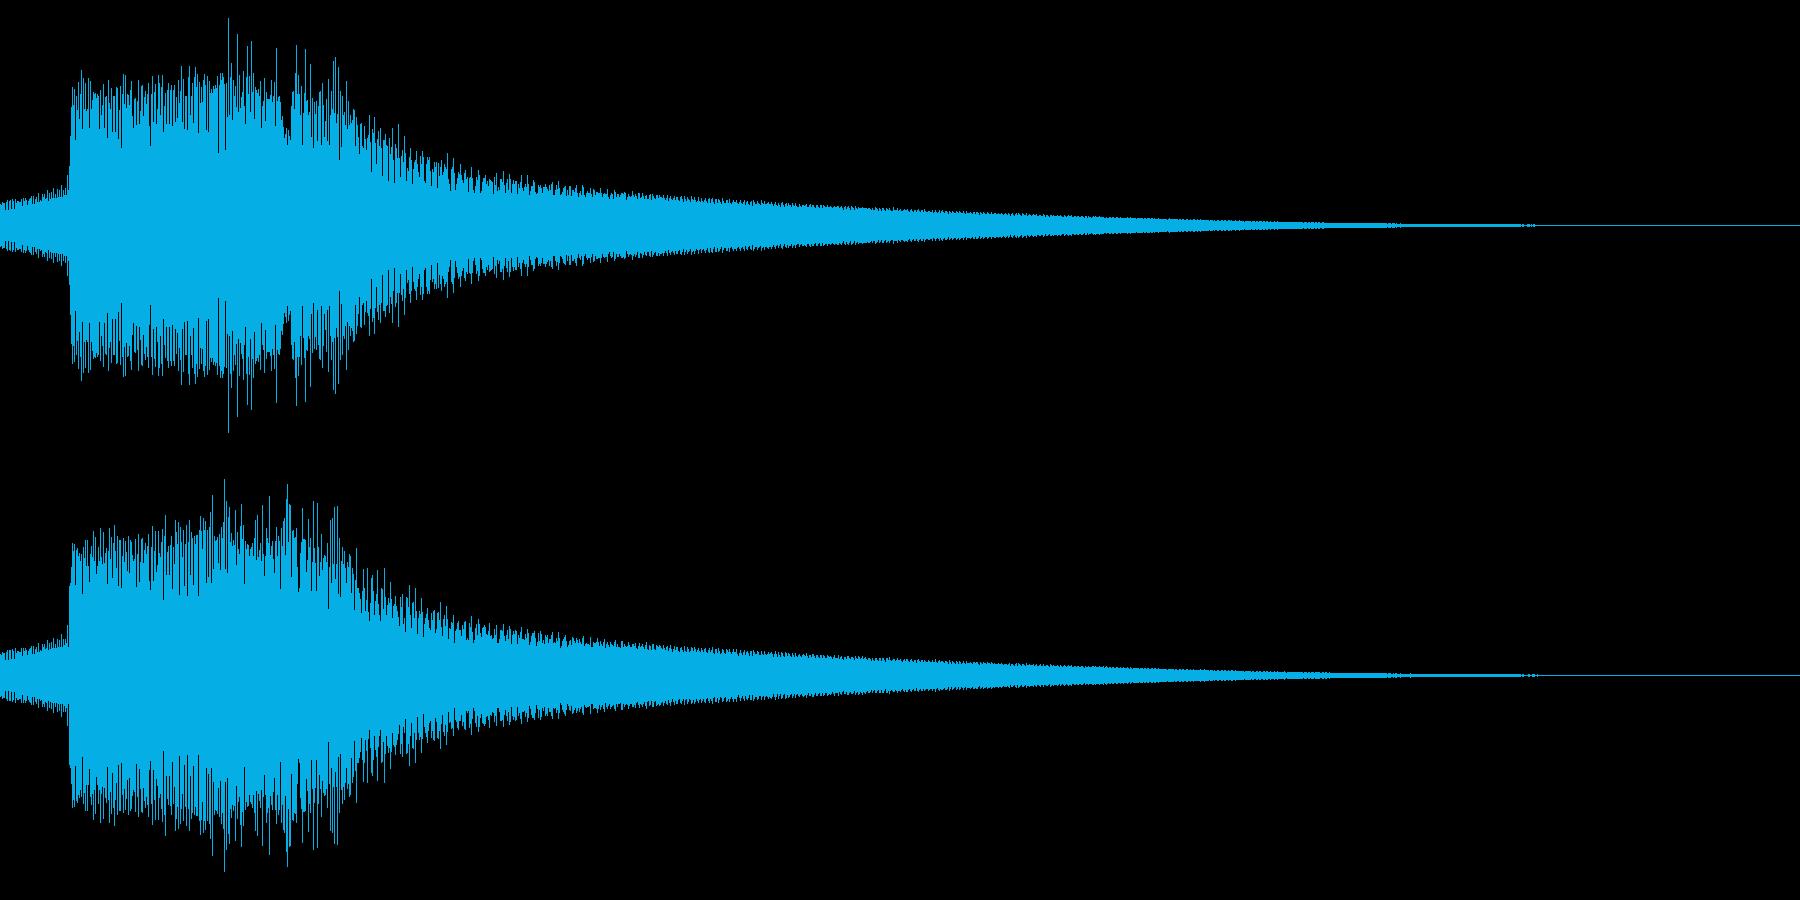 キュピン/レトロ/獲得の再生済みの波形